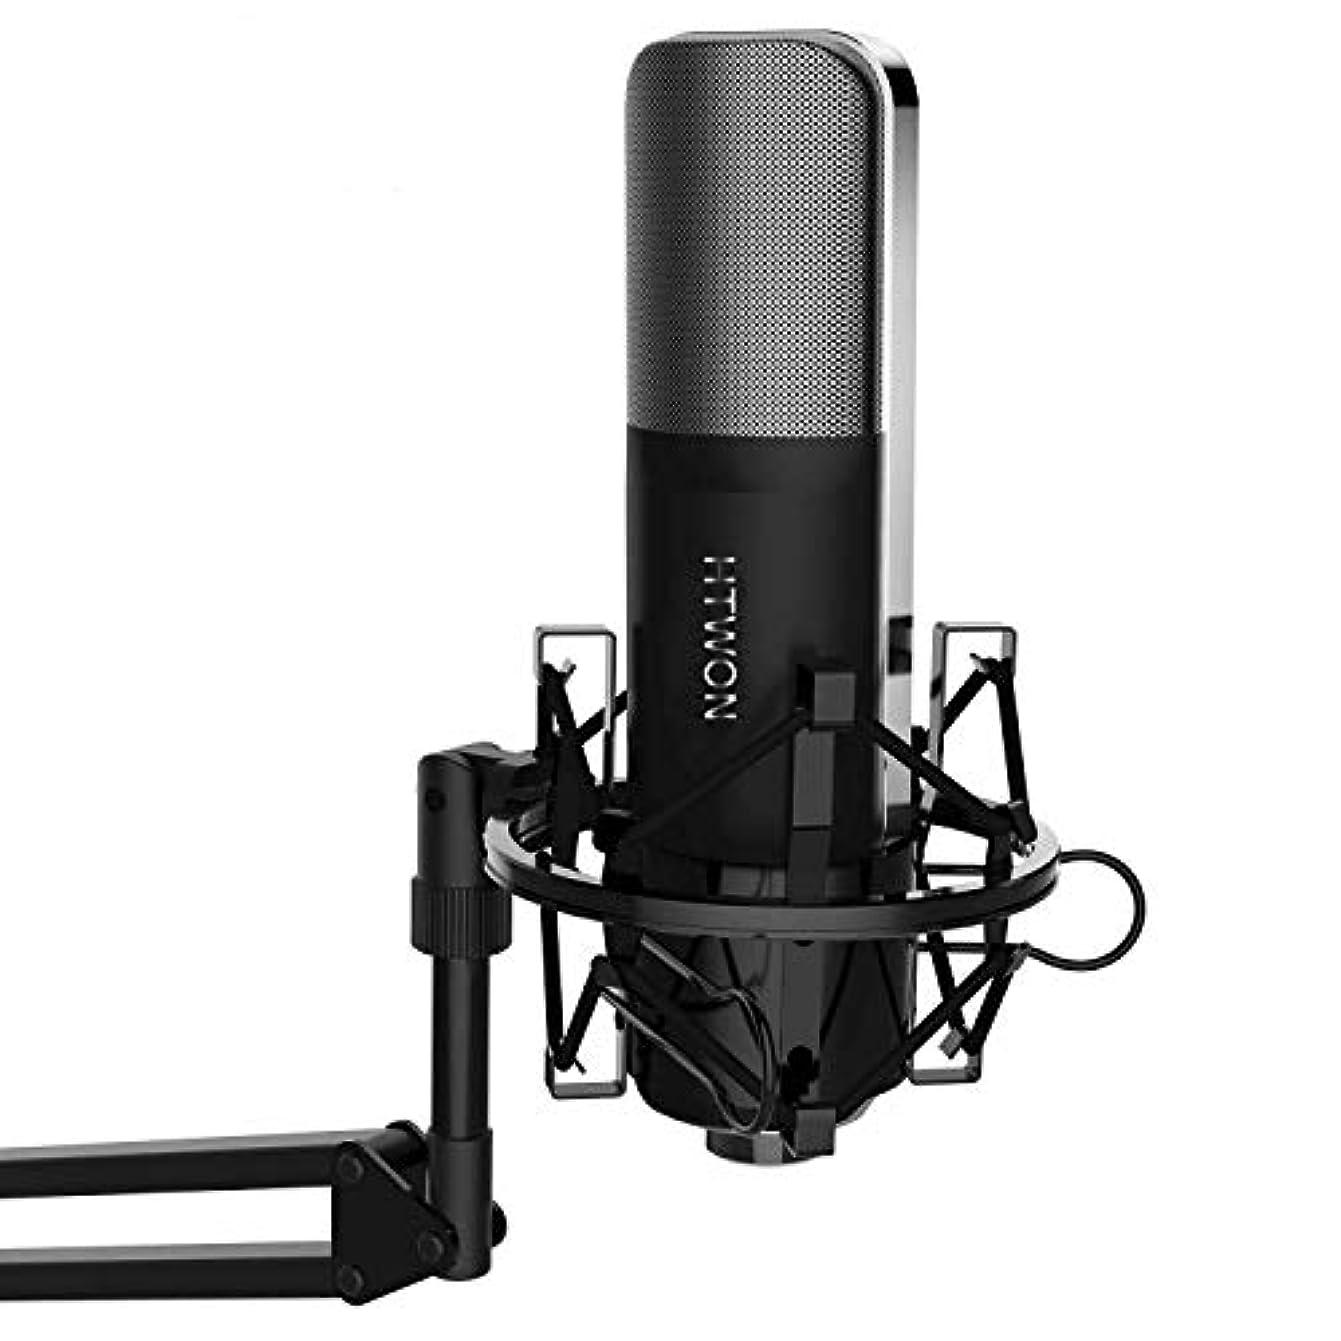 飢饉受粉するコンソールHtwon コンデンサーマイク 集音マイク 単一指向性 スタジオ レコーディング 高音質 録音 宅録 ゲーム実況 生放送 3.5mm プラグインパワー PC用 マイクロホン Q8